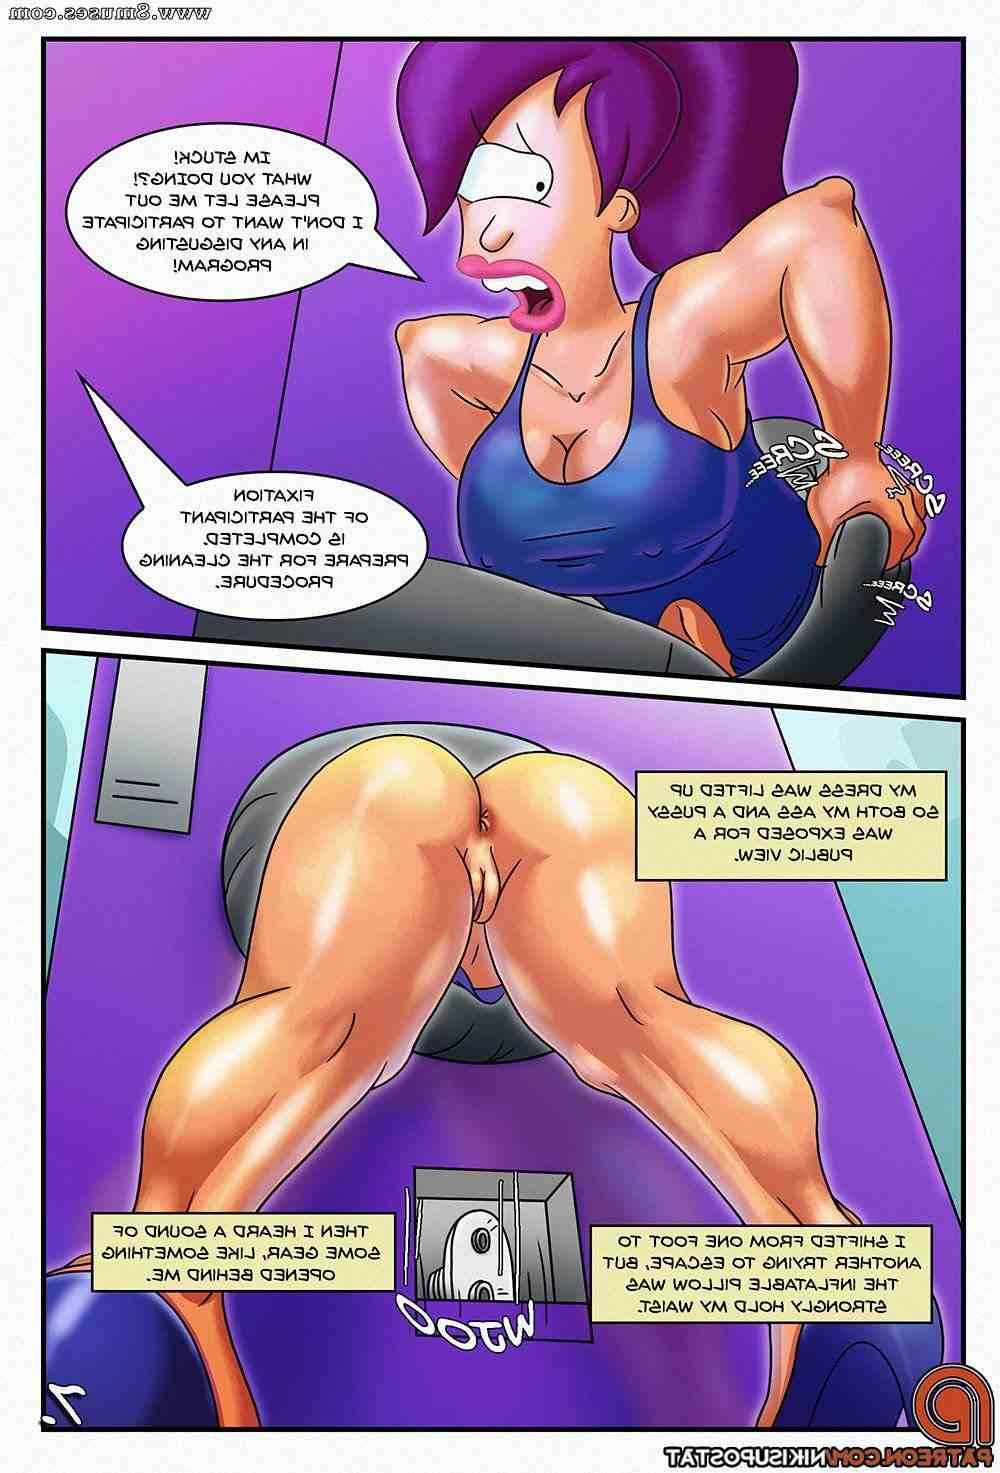 futurama porno comic